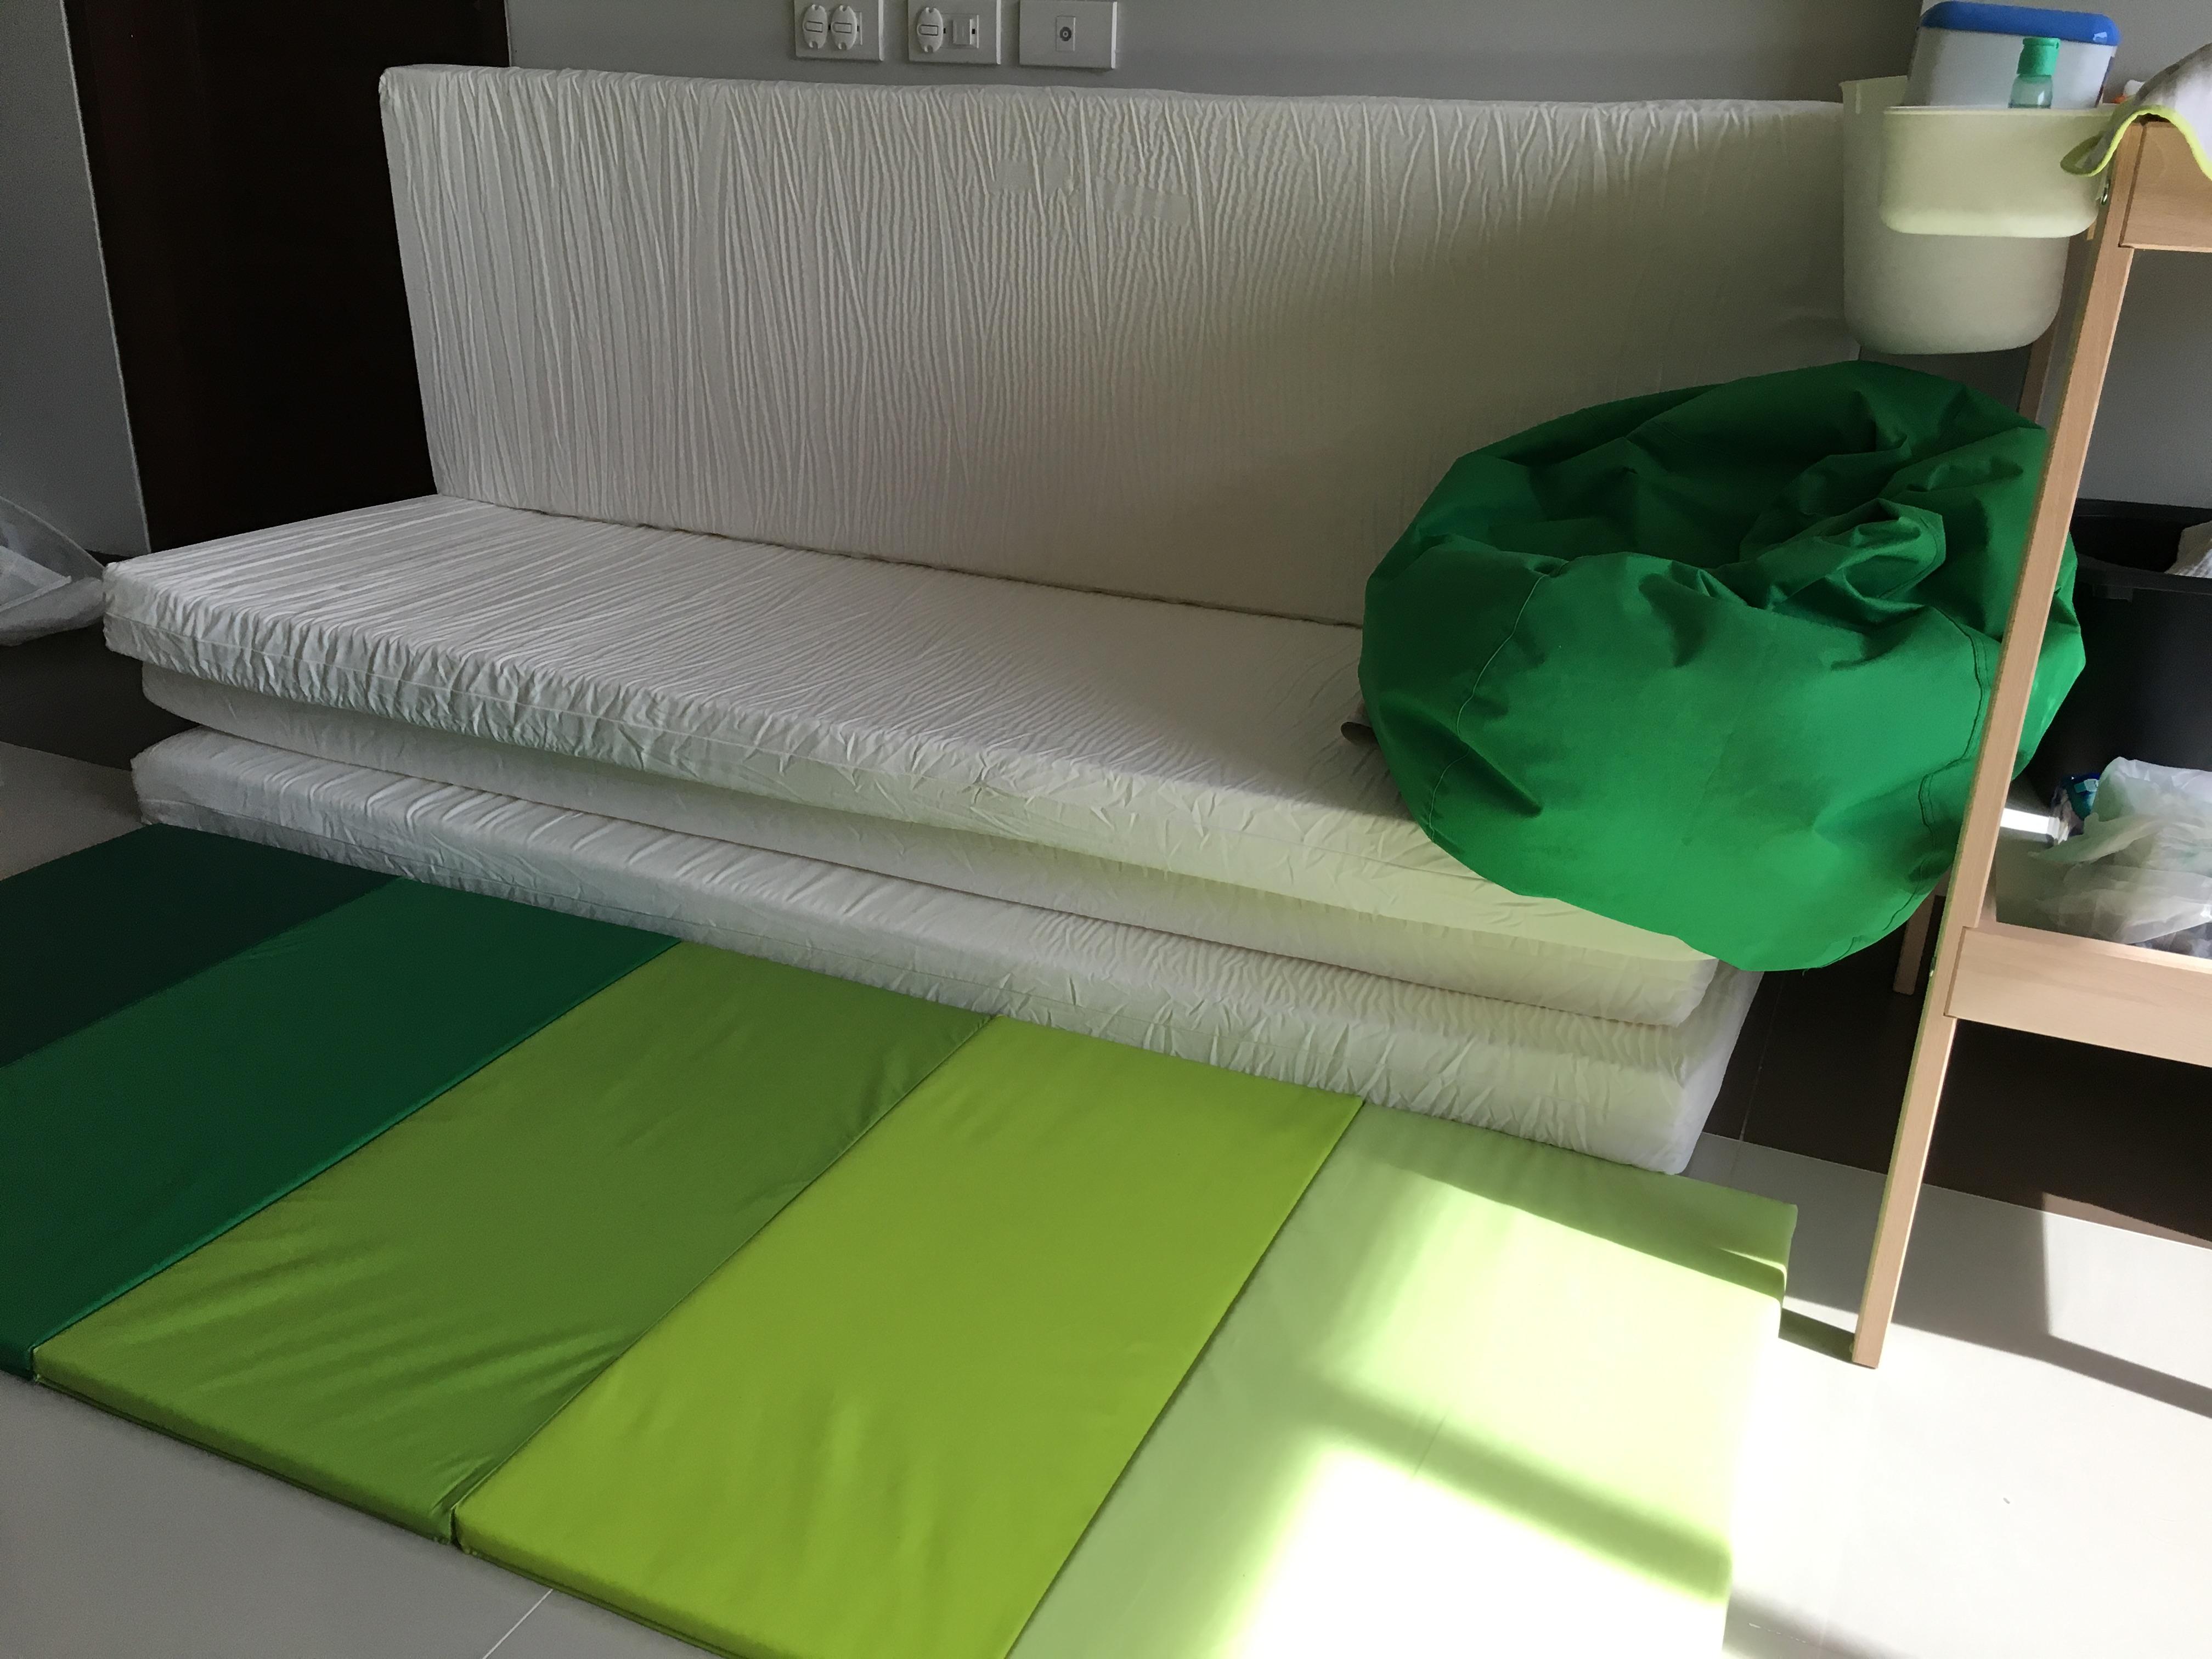 Ikea のマットを使ったキッズルームバンコク Emiio